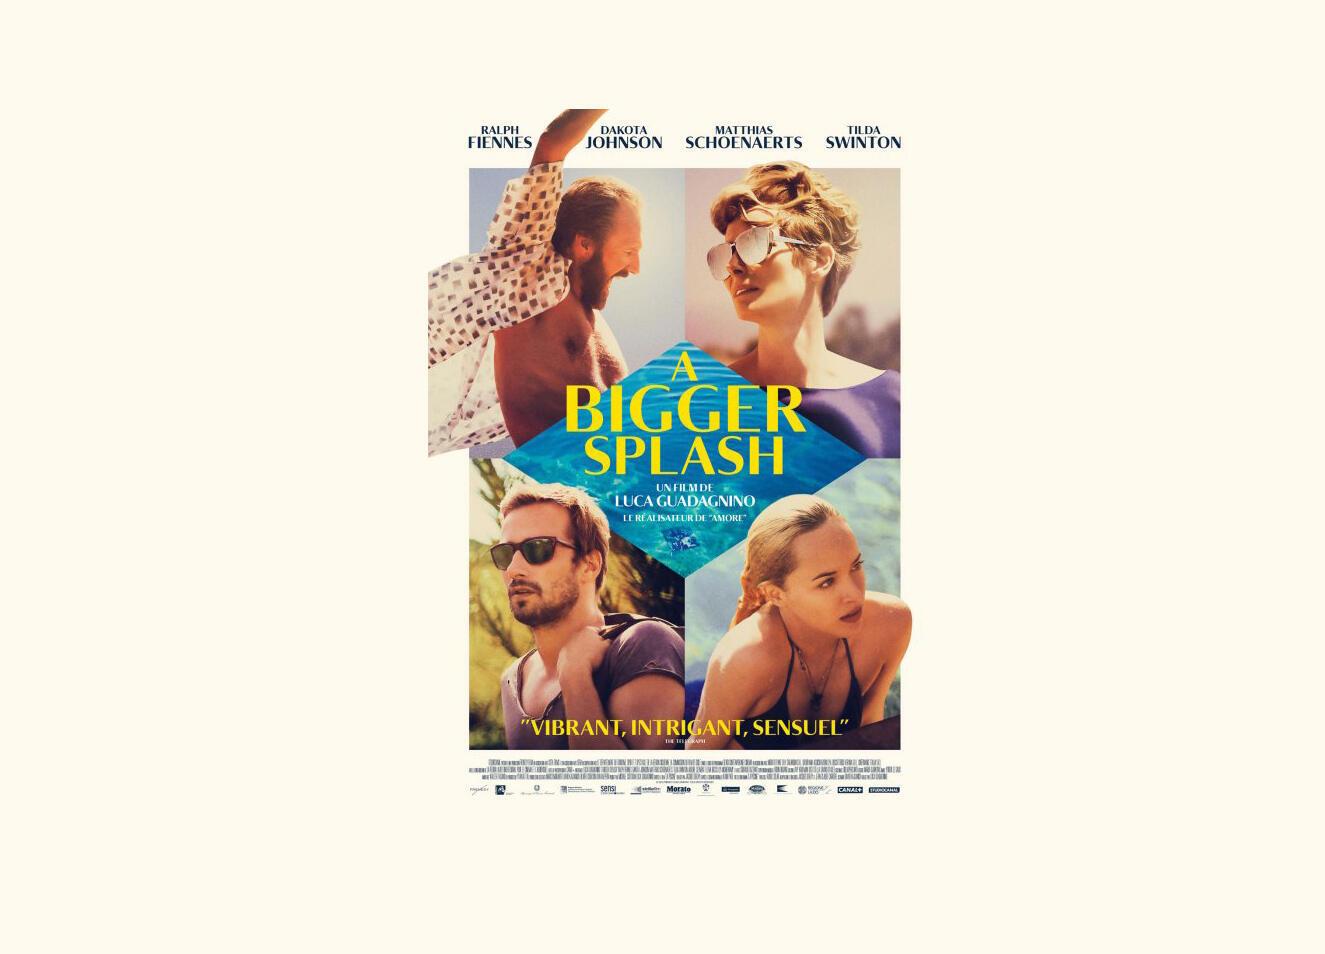 L'affiche du film  franco-italien « A bigger splash »  coproduit et réalisé par Luca Guadagnino